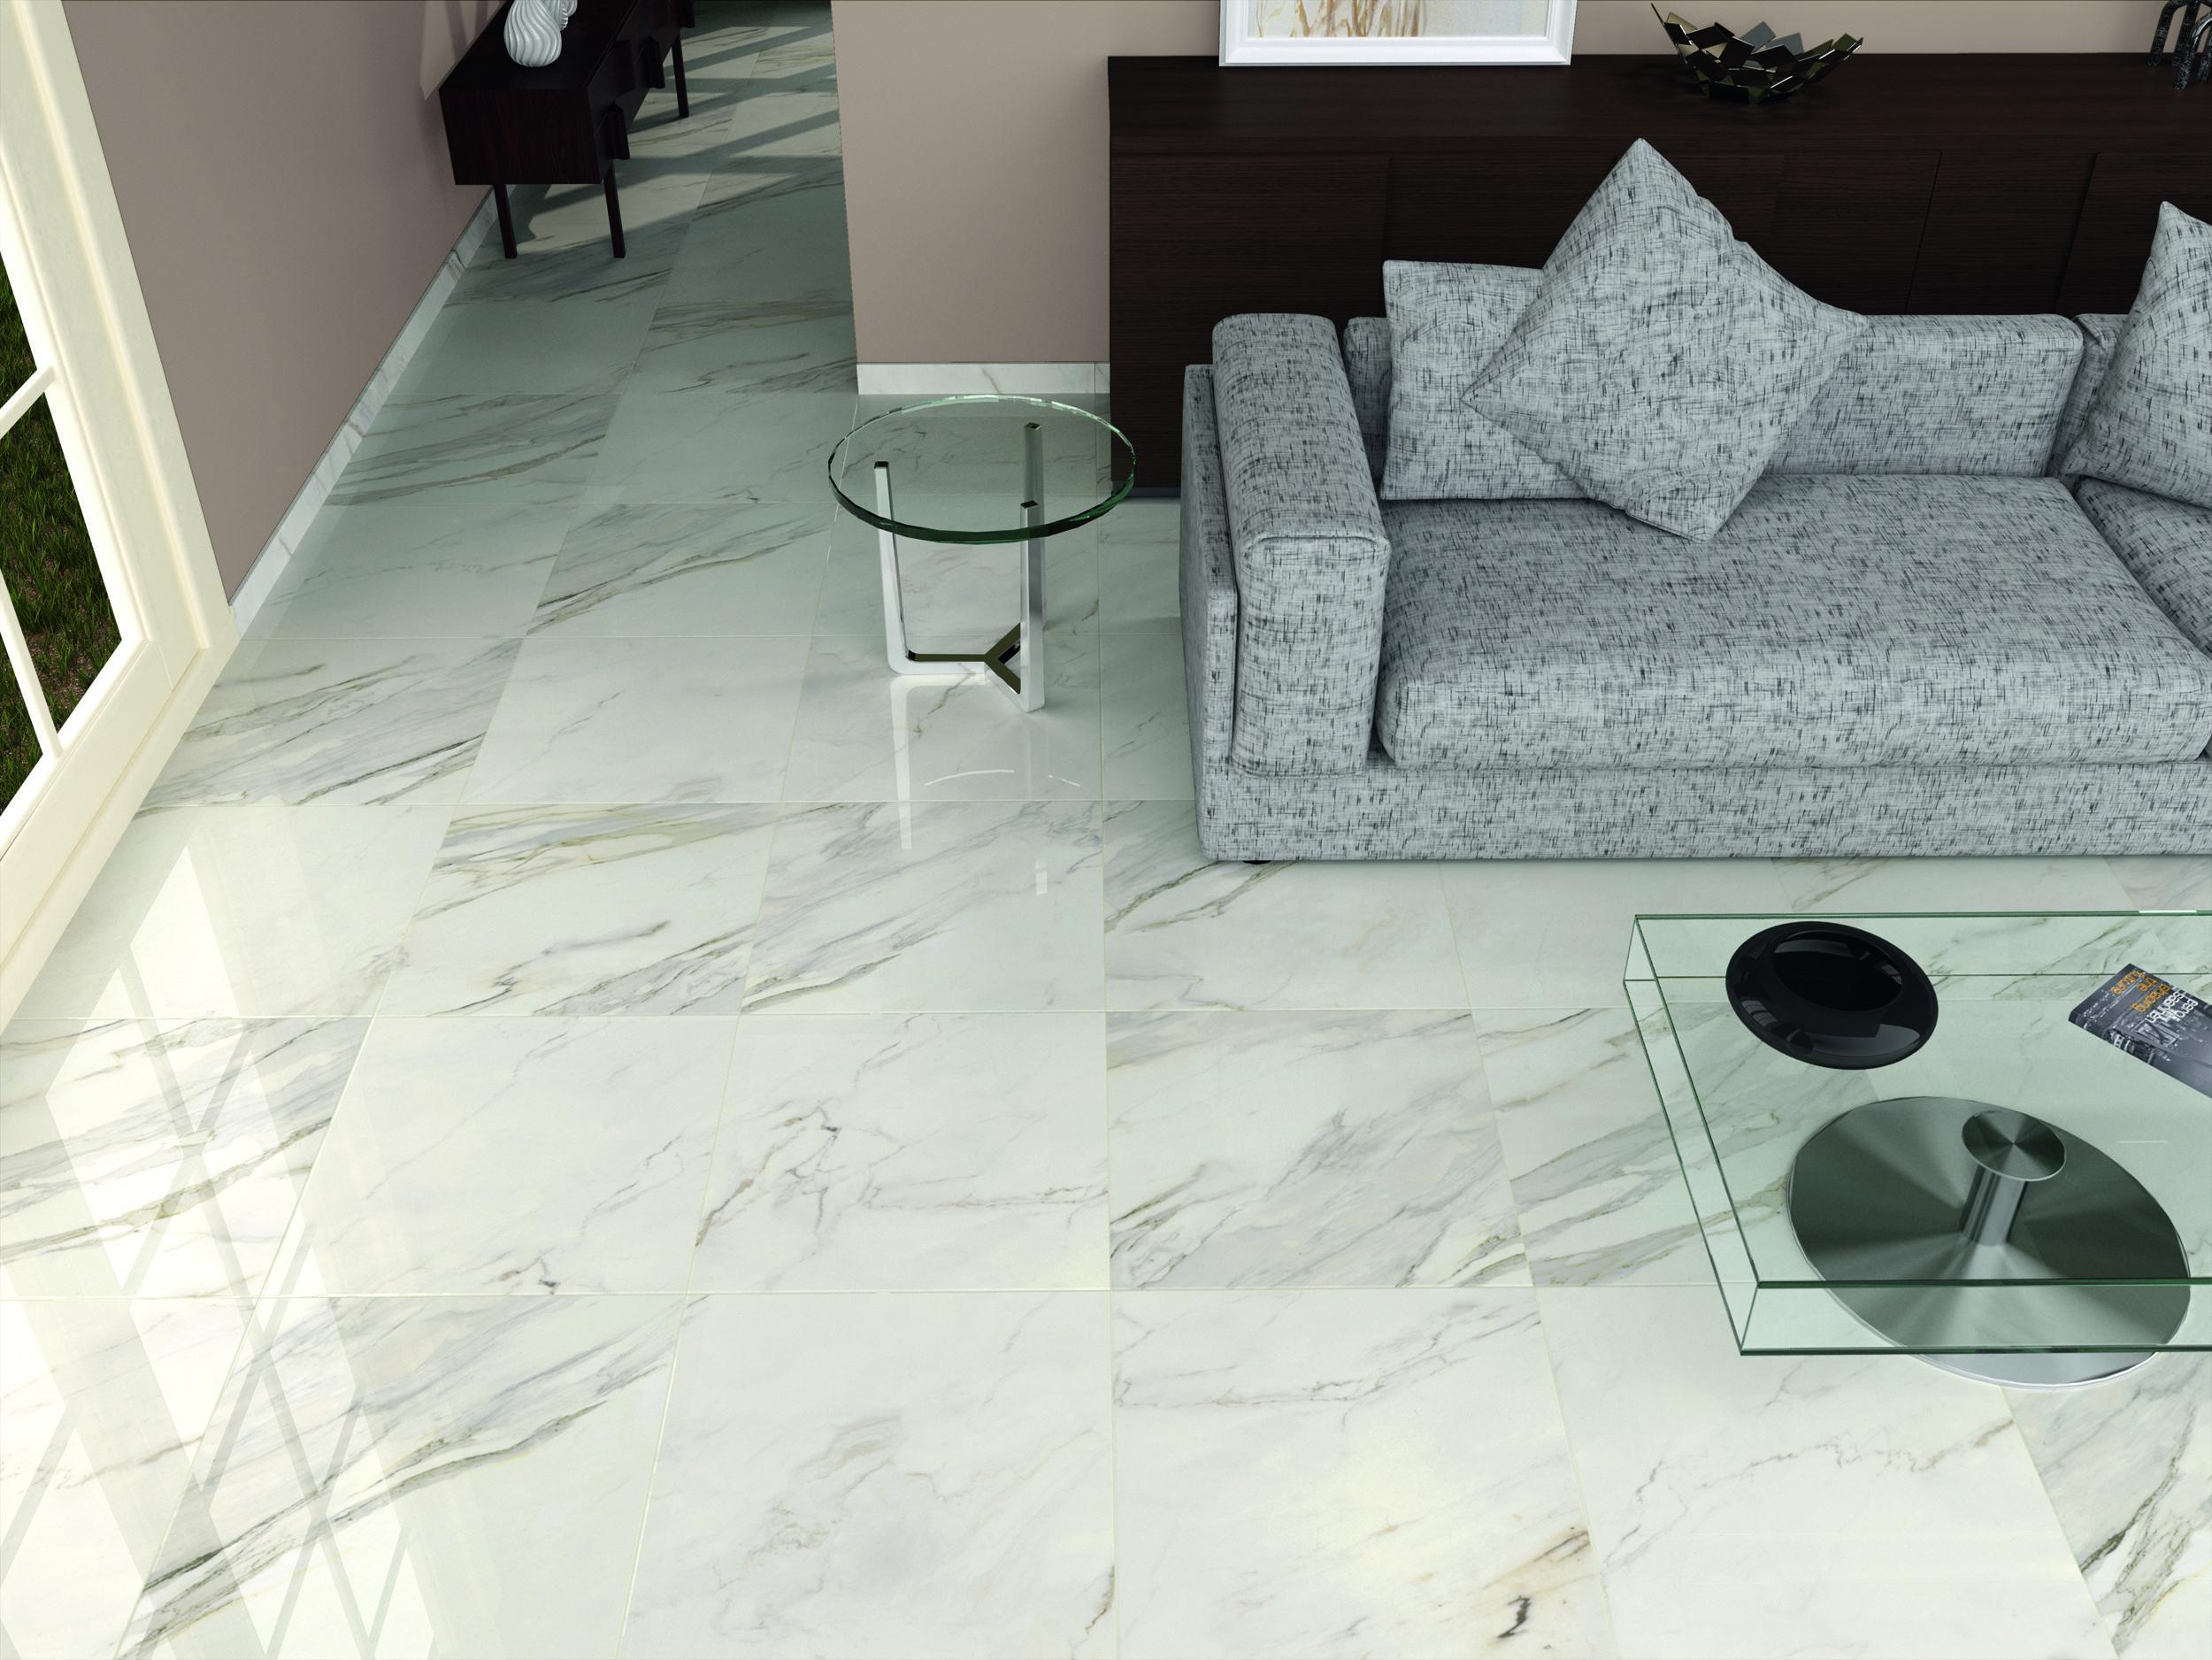 High gloss white/grey floor tiles in 2019 Tile floor